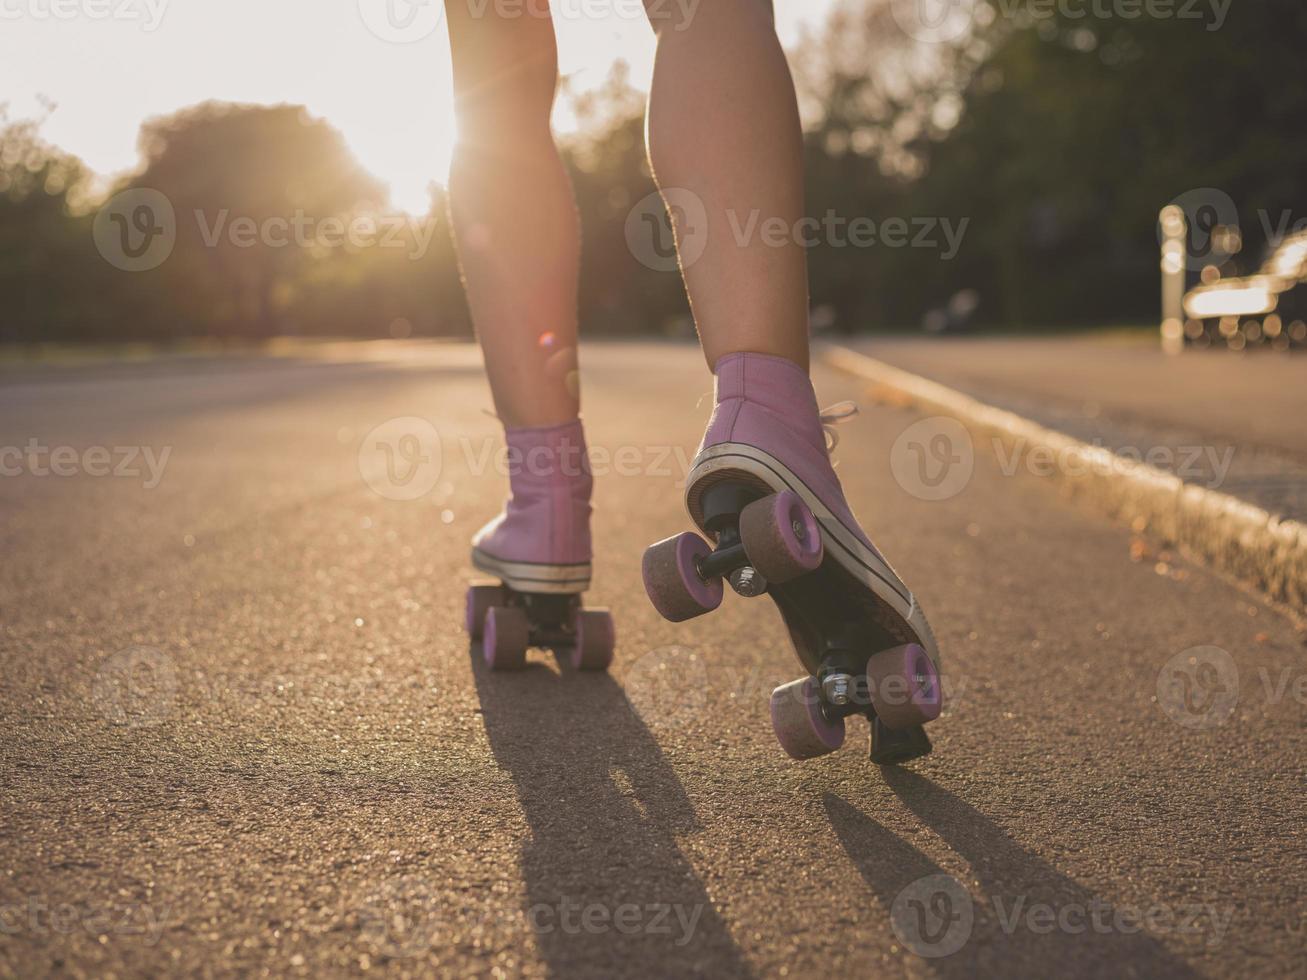 ben av ung kvinna rullskridskor i parken foto